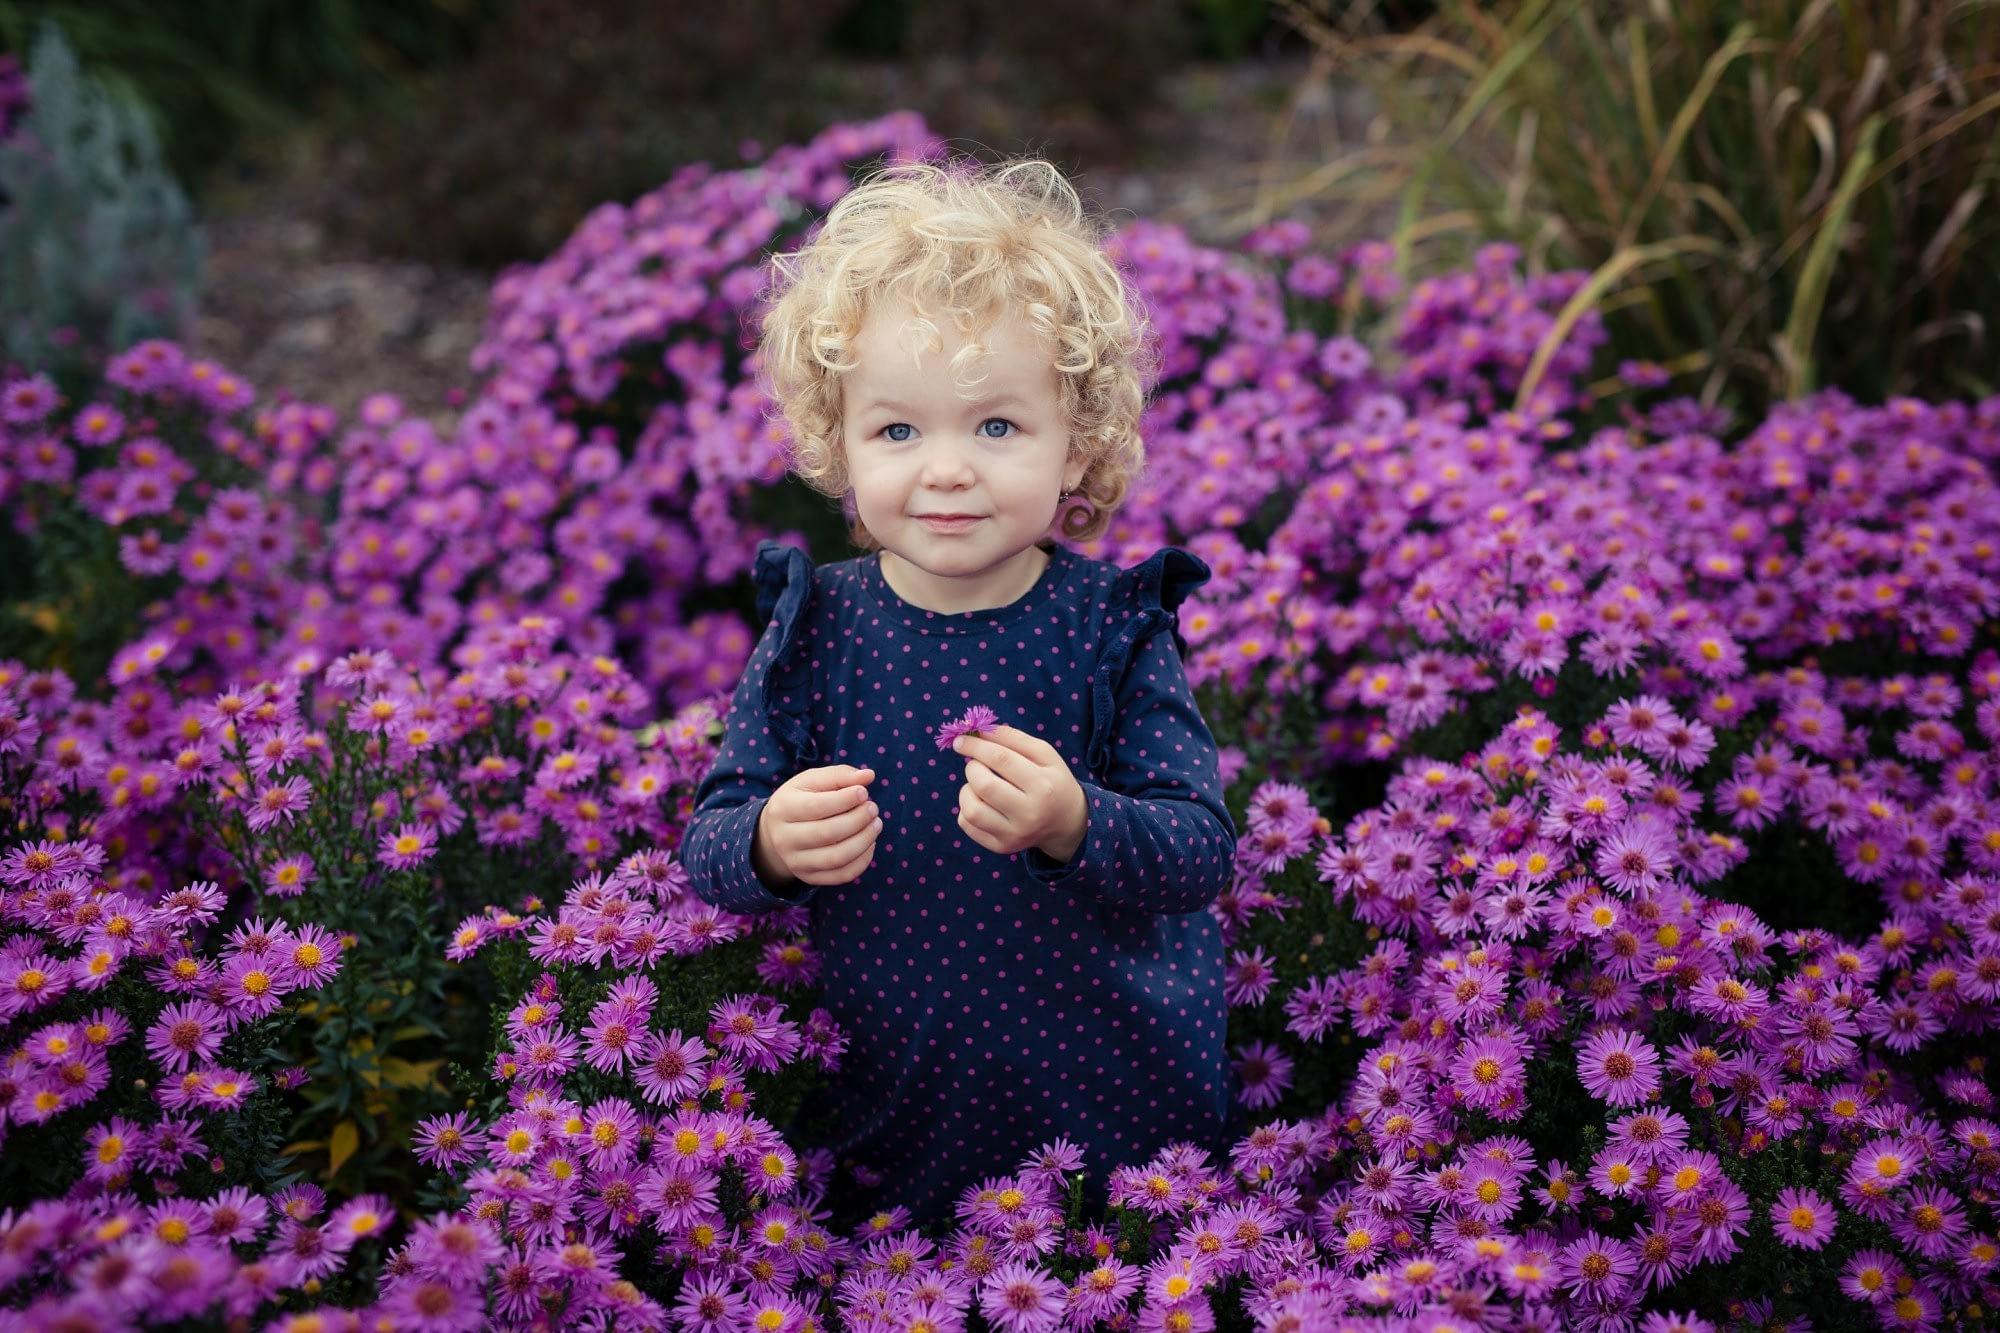 Dětský portrét holčičky v přírodě a krásné fialové chryzantémy